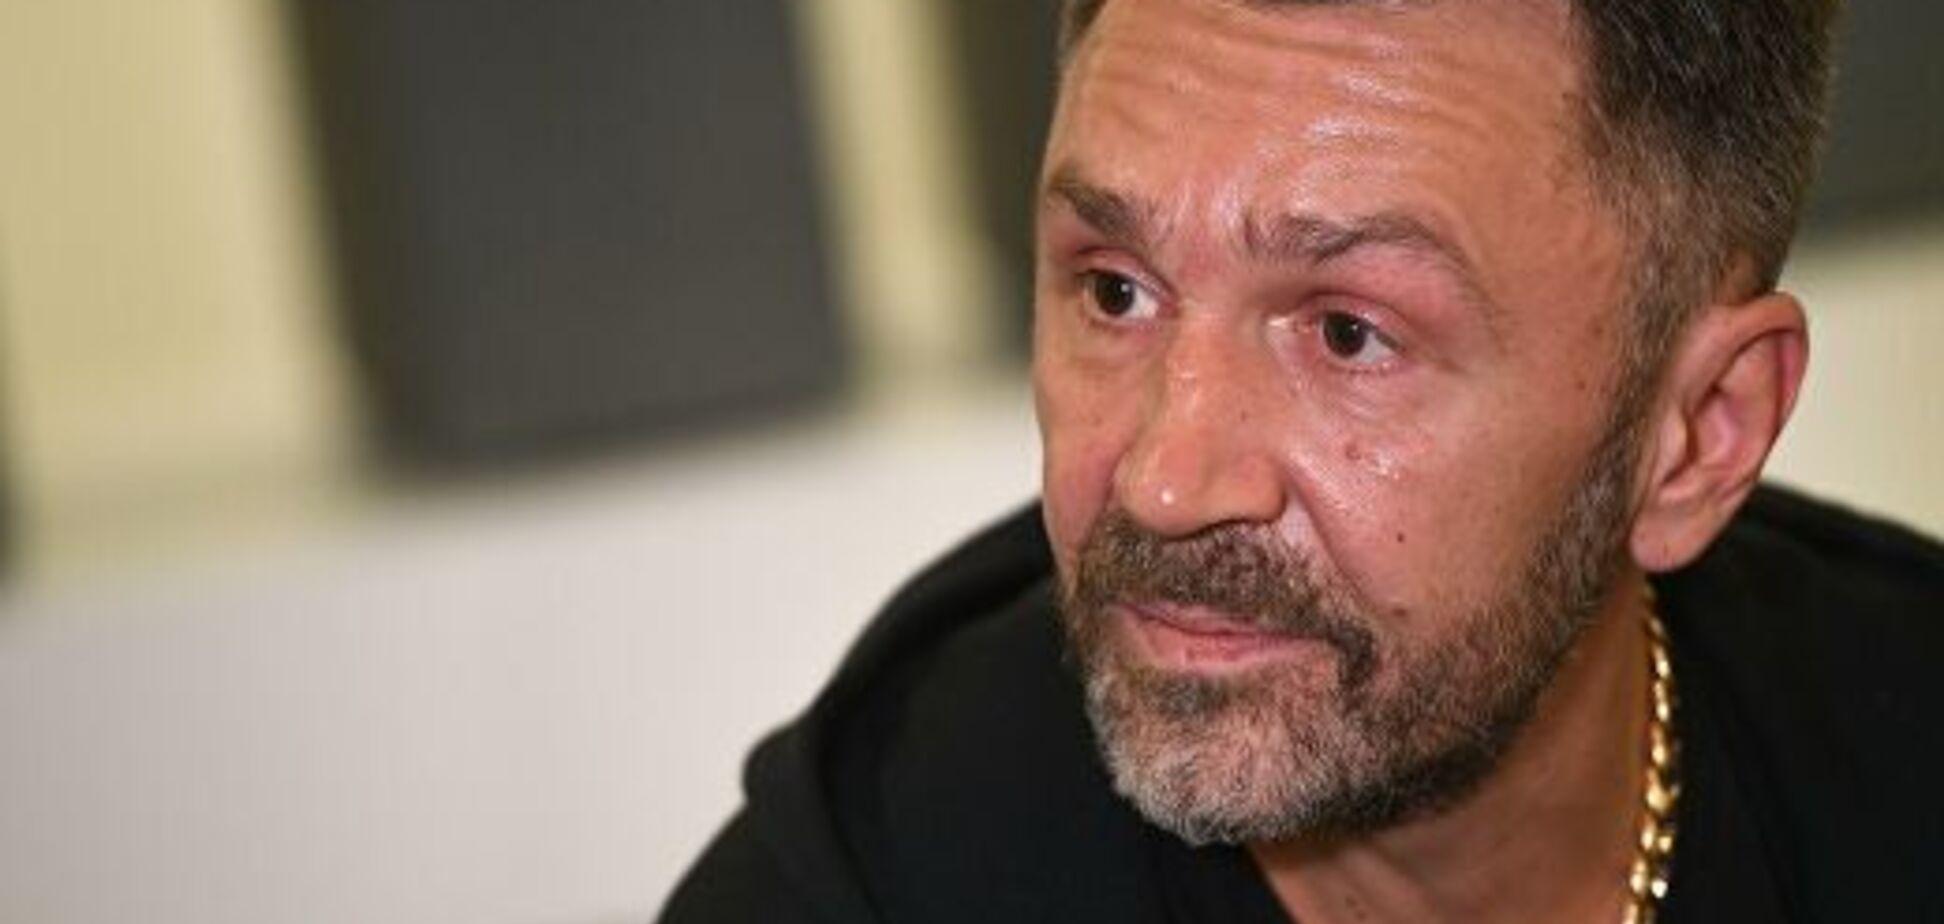 'Глашатай п***еця': Шнуров жорстко потоптався по померлому протоієрею РПЦ